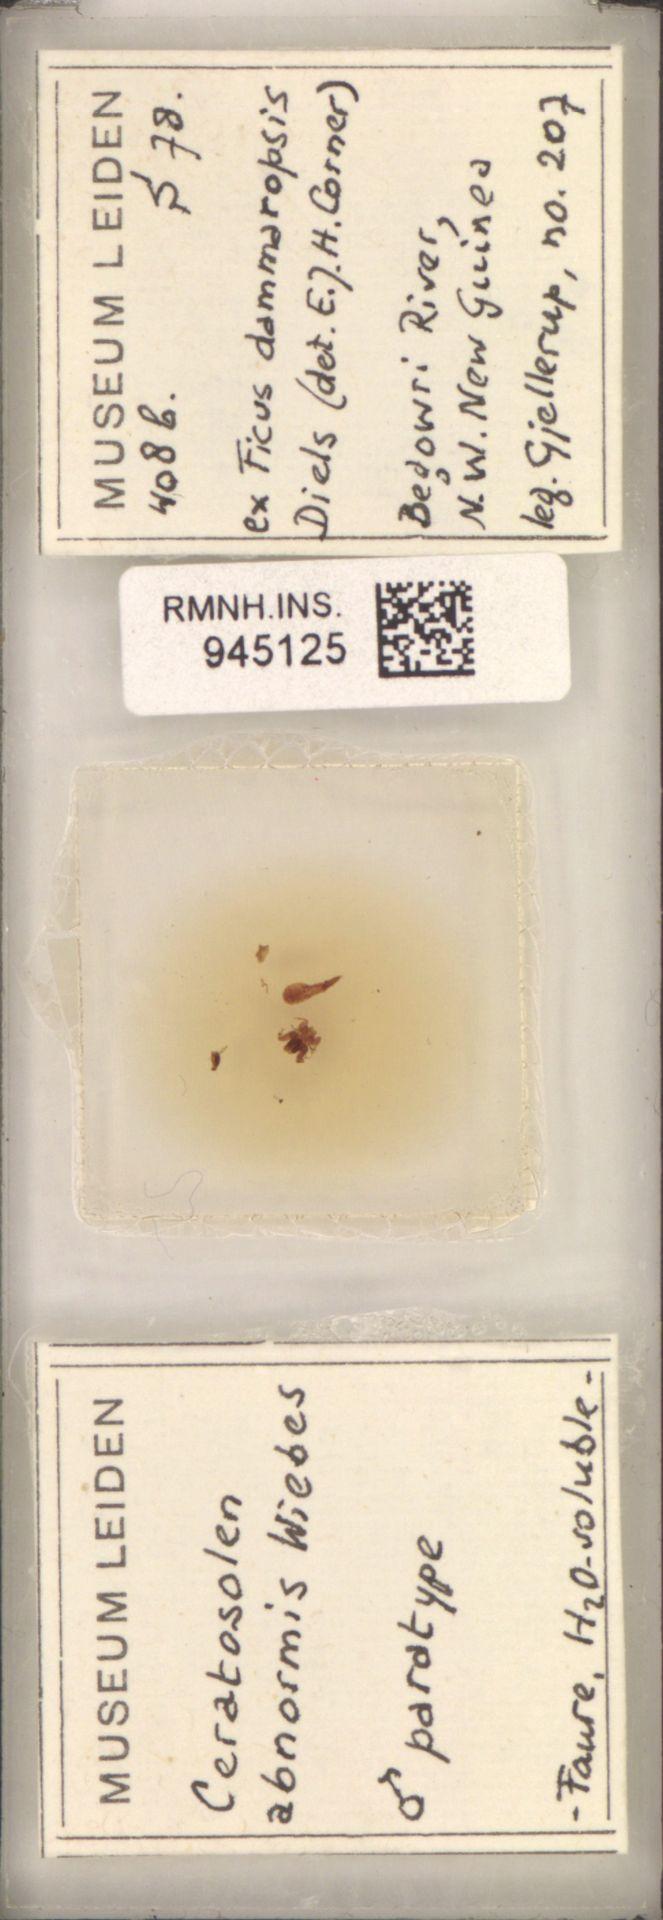 RMNH.INS.945125 | Ceratosolen abnormis Wiebes